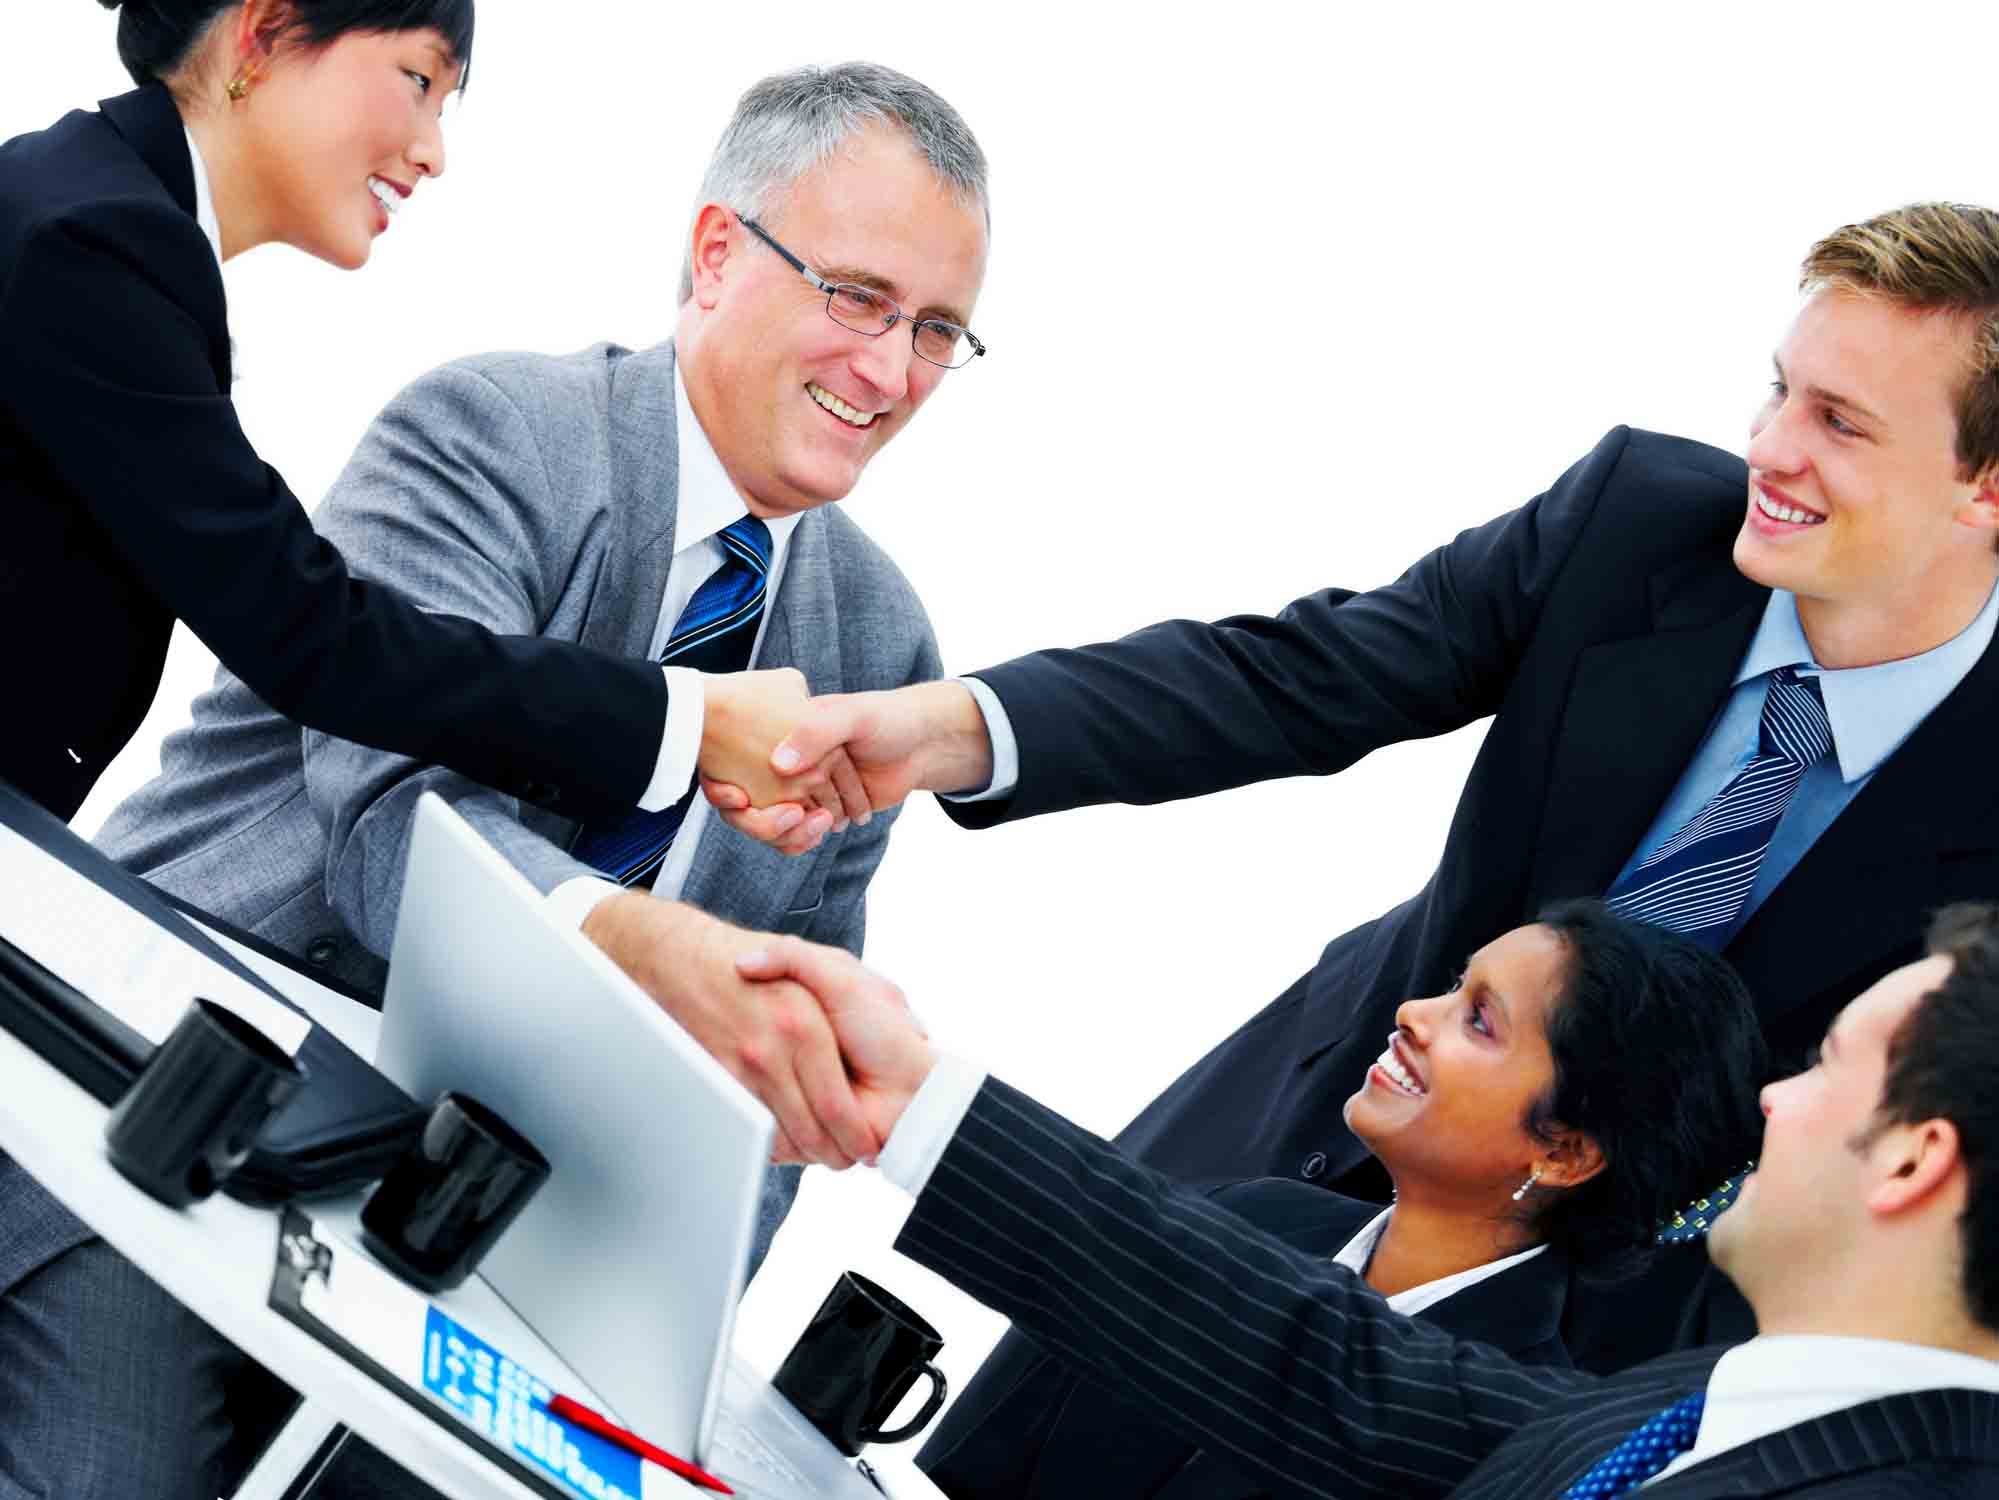 мнениями обмена знакомства свободное для встреча собрание